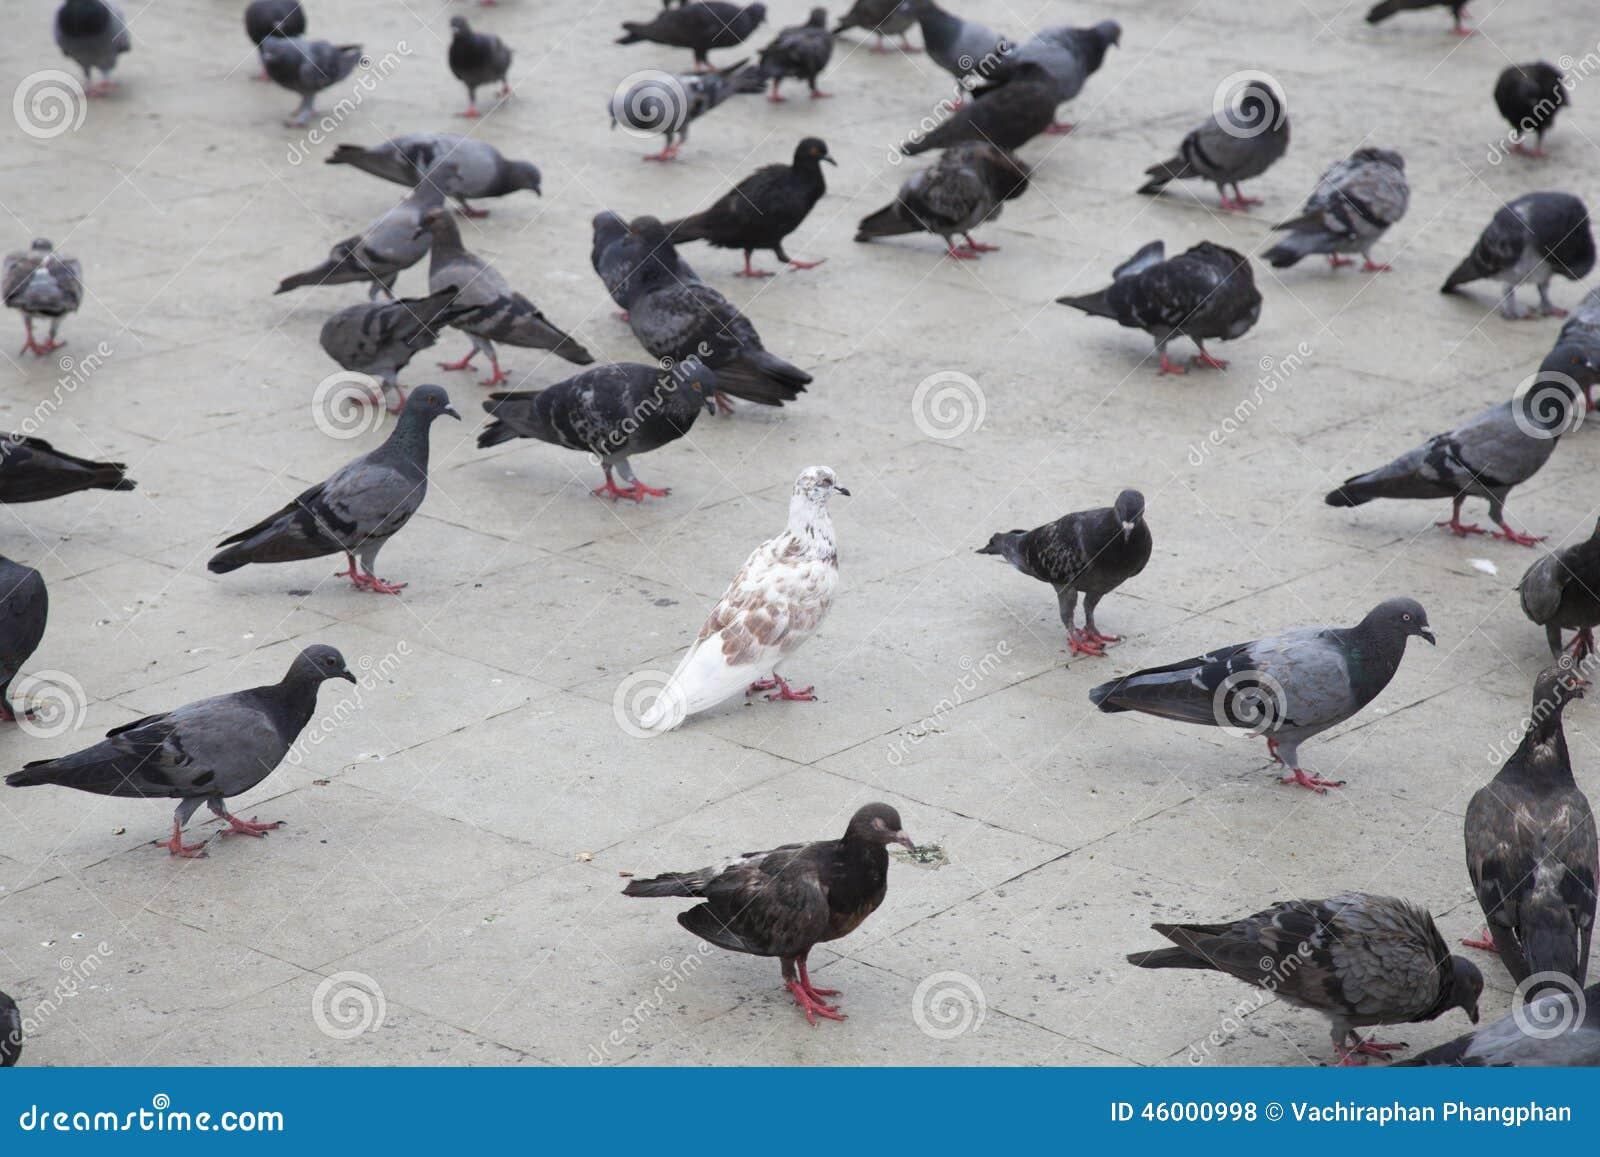 灰色的果实剧情_在灰色鸽子的白色鸠